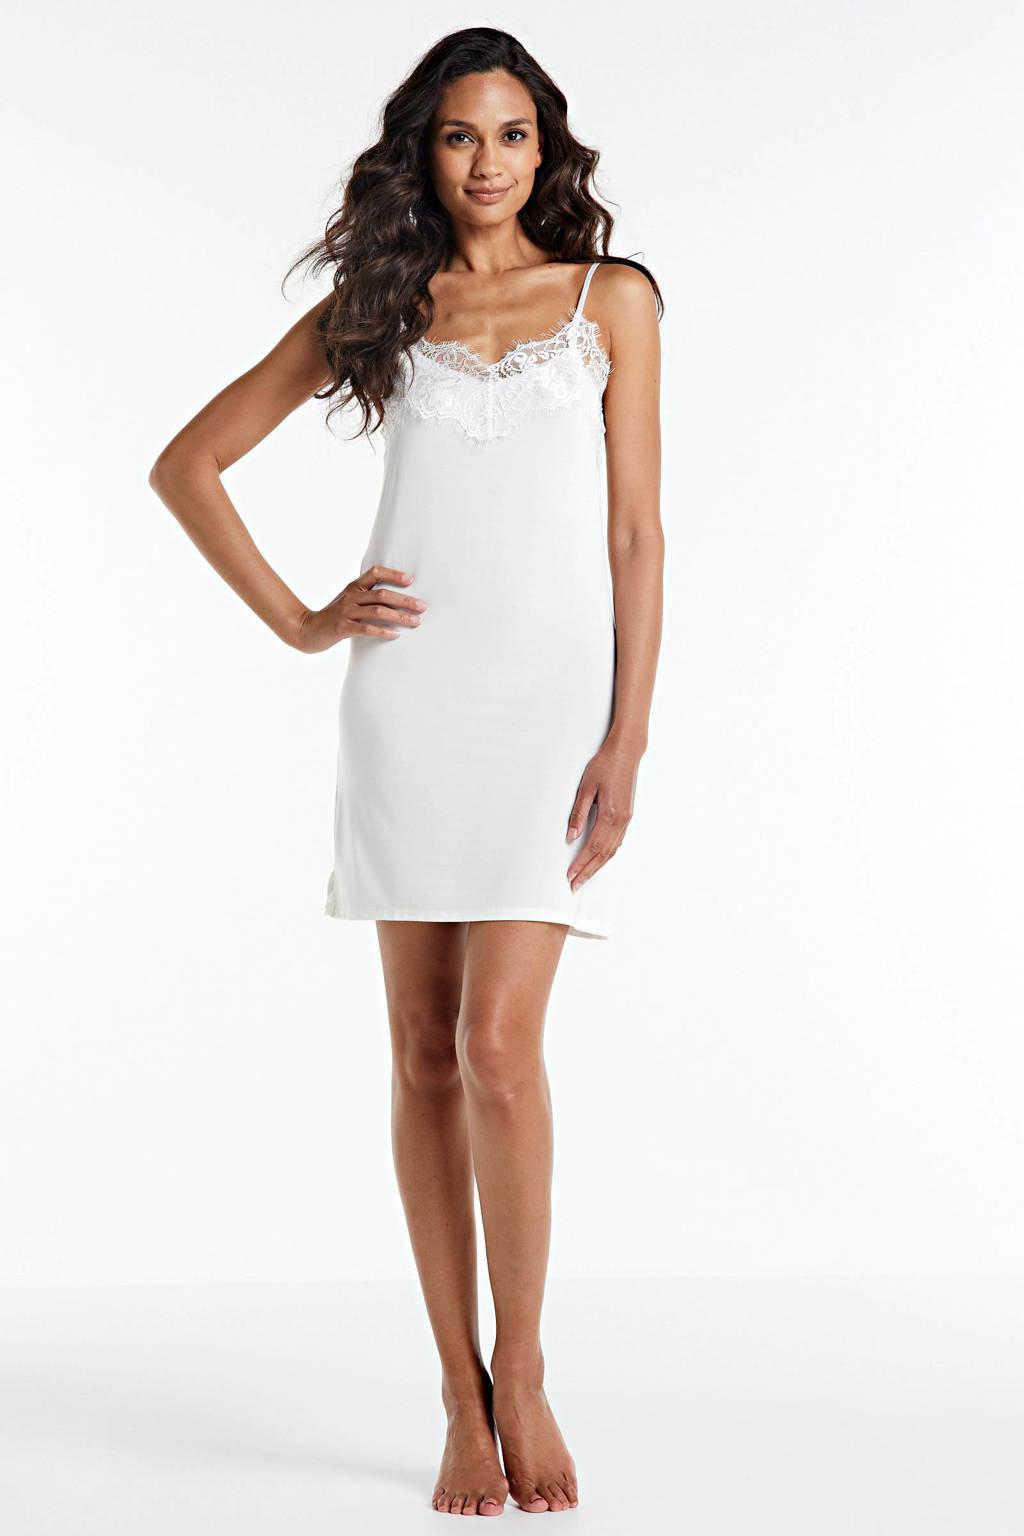 Soaked In Luxury onderjurk Clara met kant gebroken wit, Gebroken wit